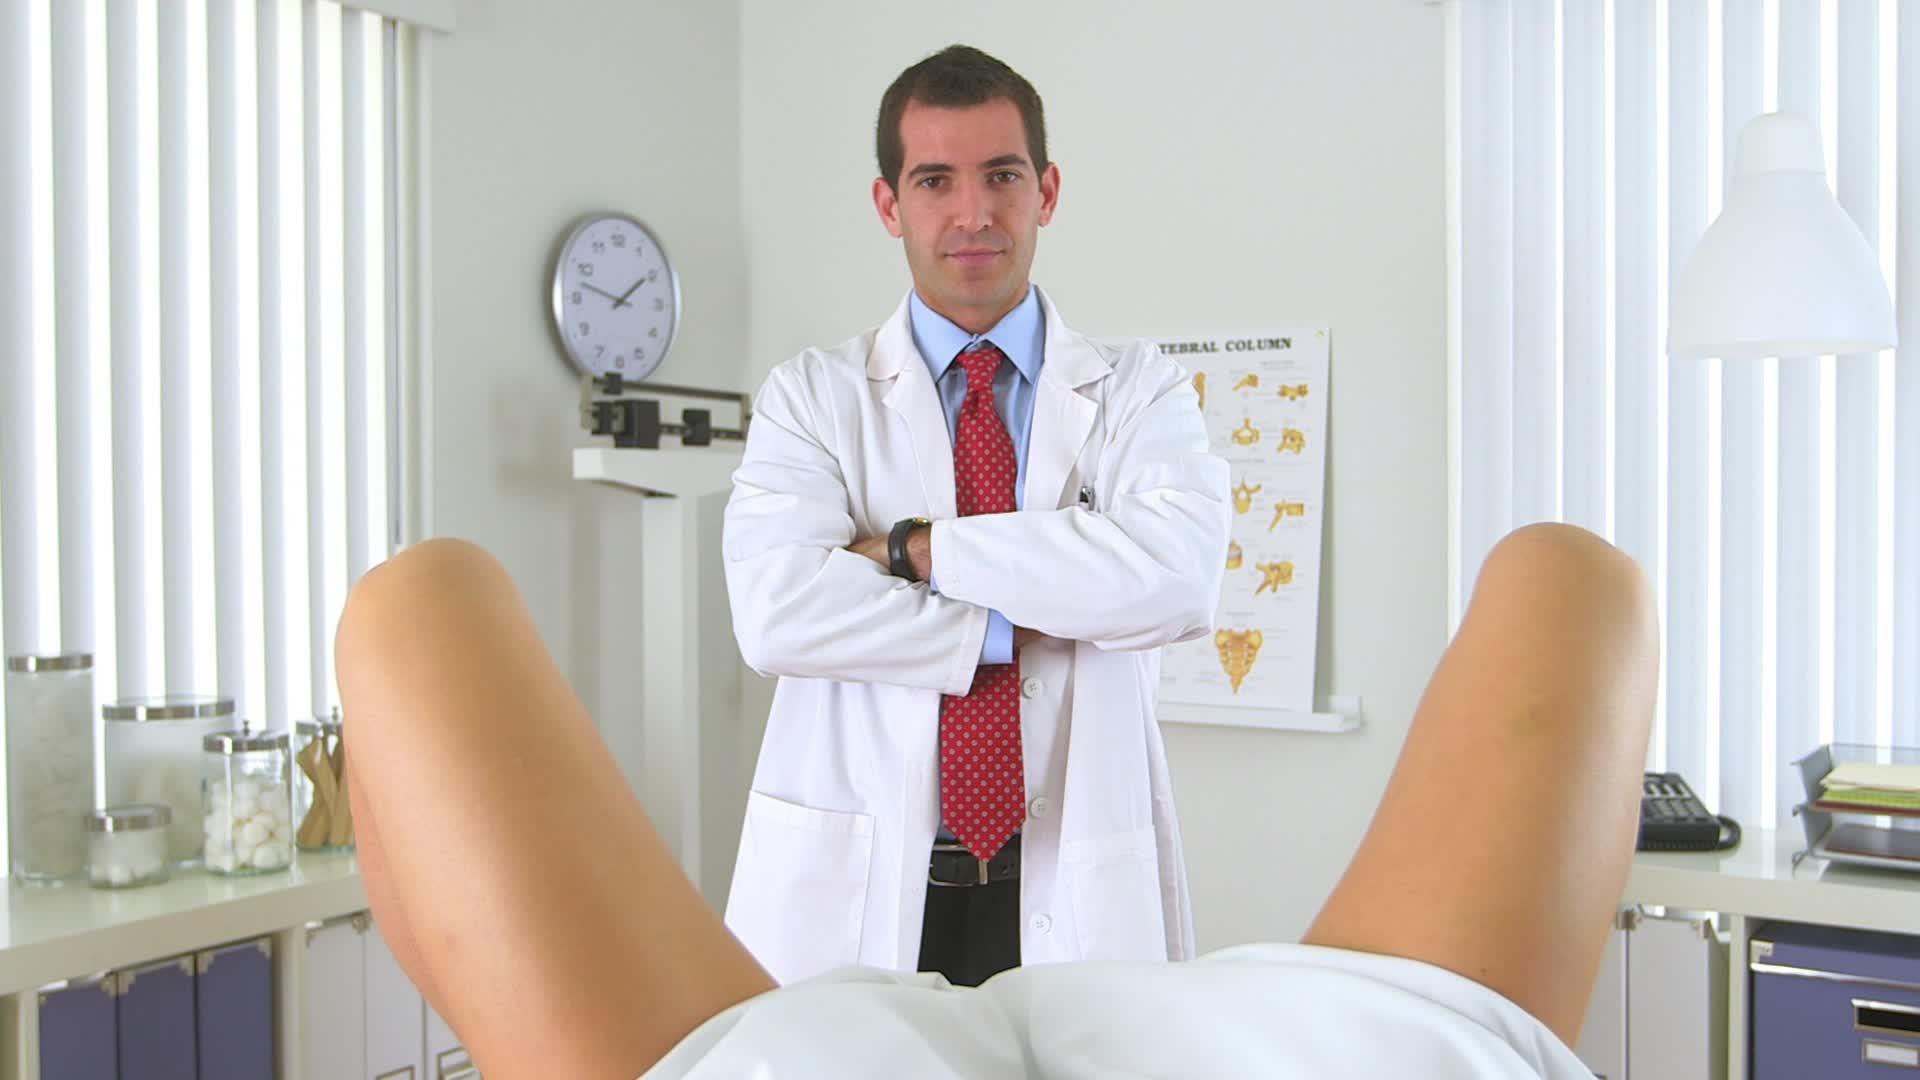 Реформа действует: узнайте о новых бесплатных услугах врачей. Экономьте деньги